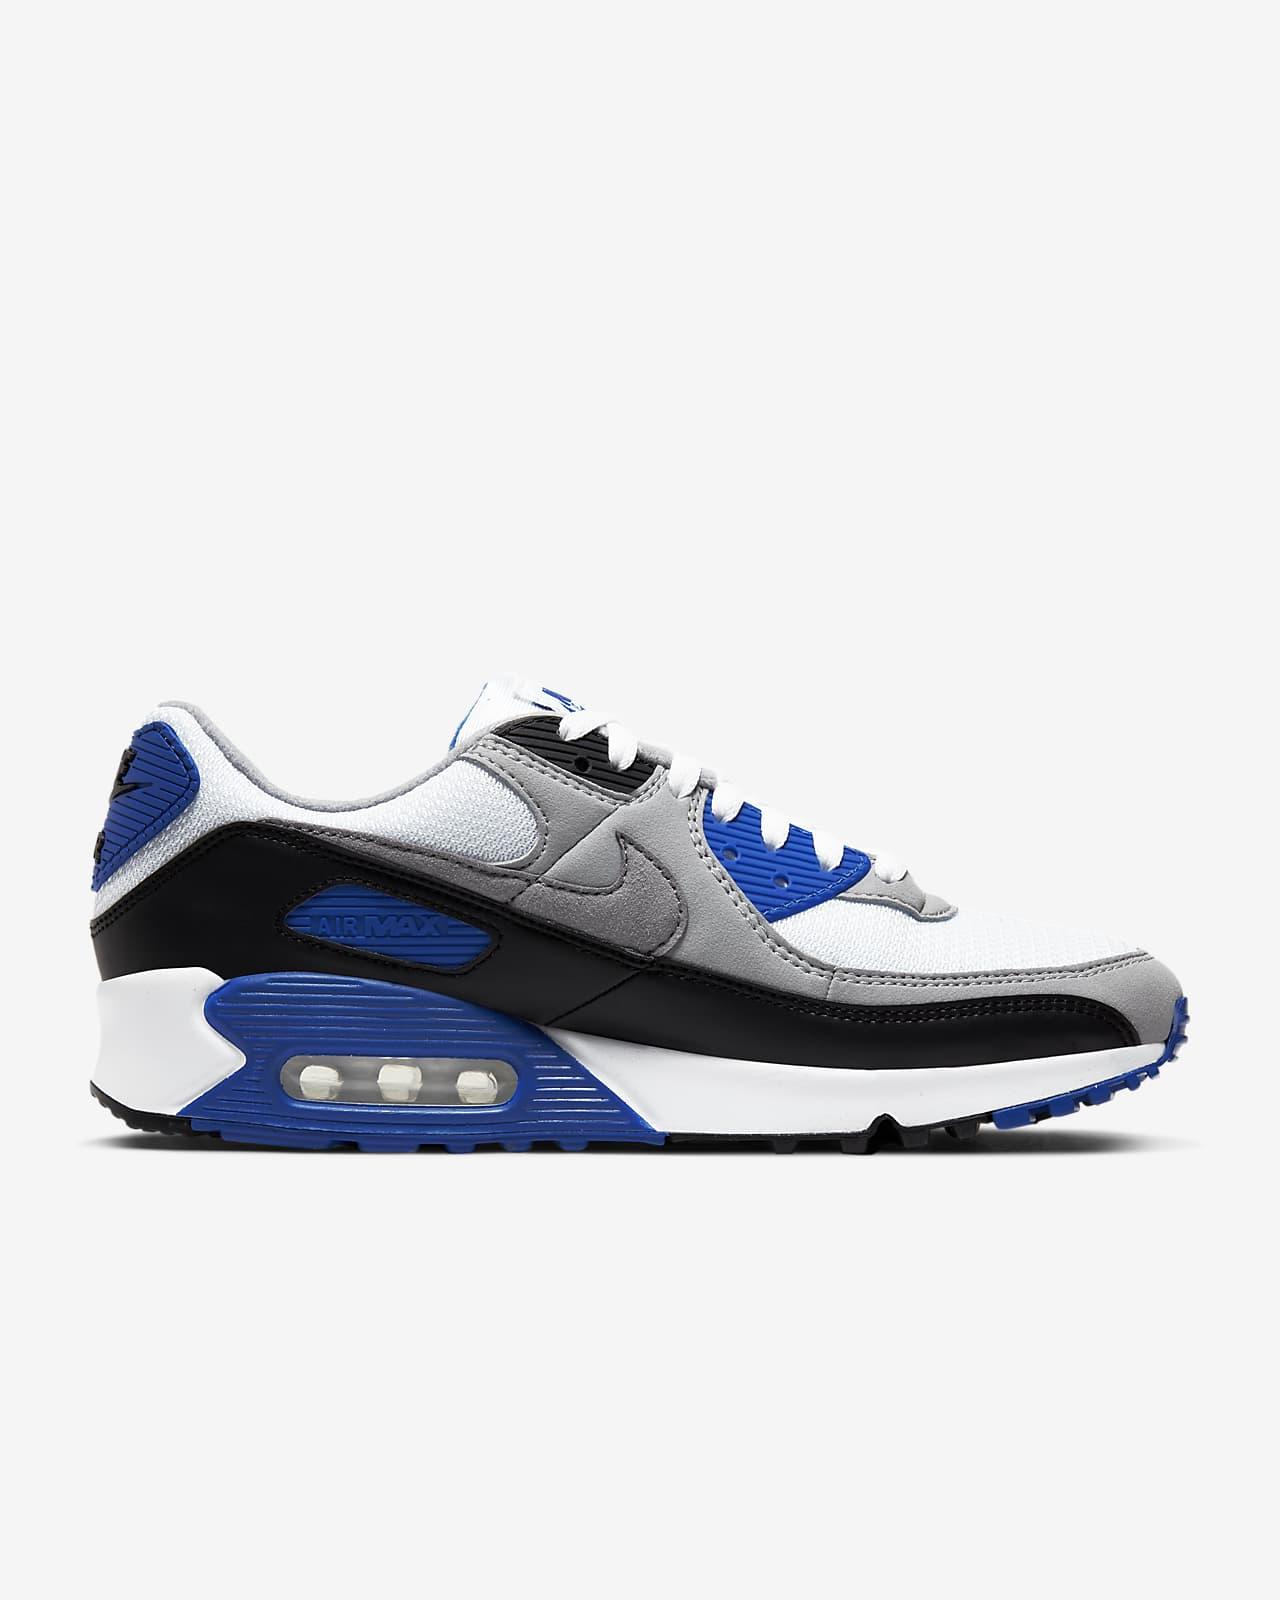 Soldes > chaussure de sécurité homme nike > en stock